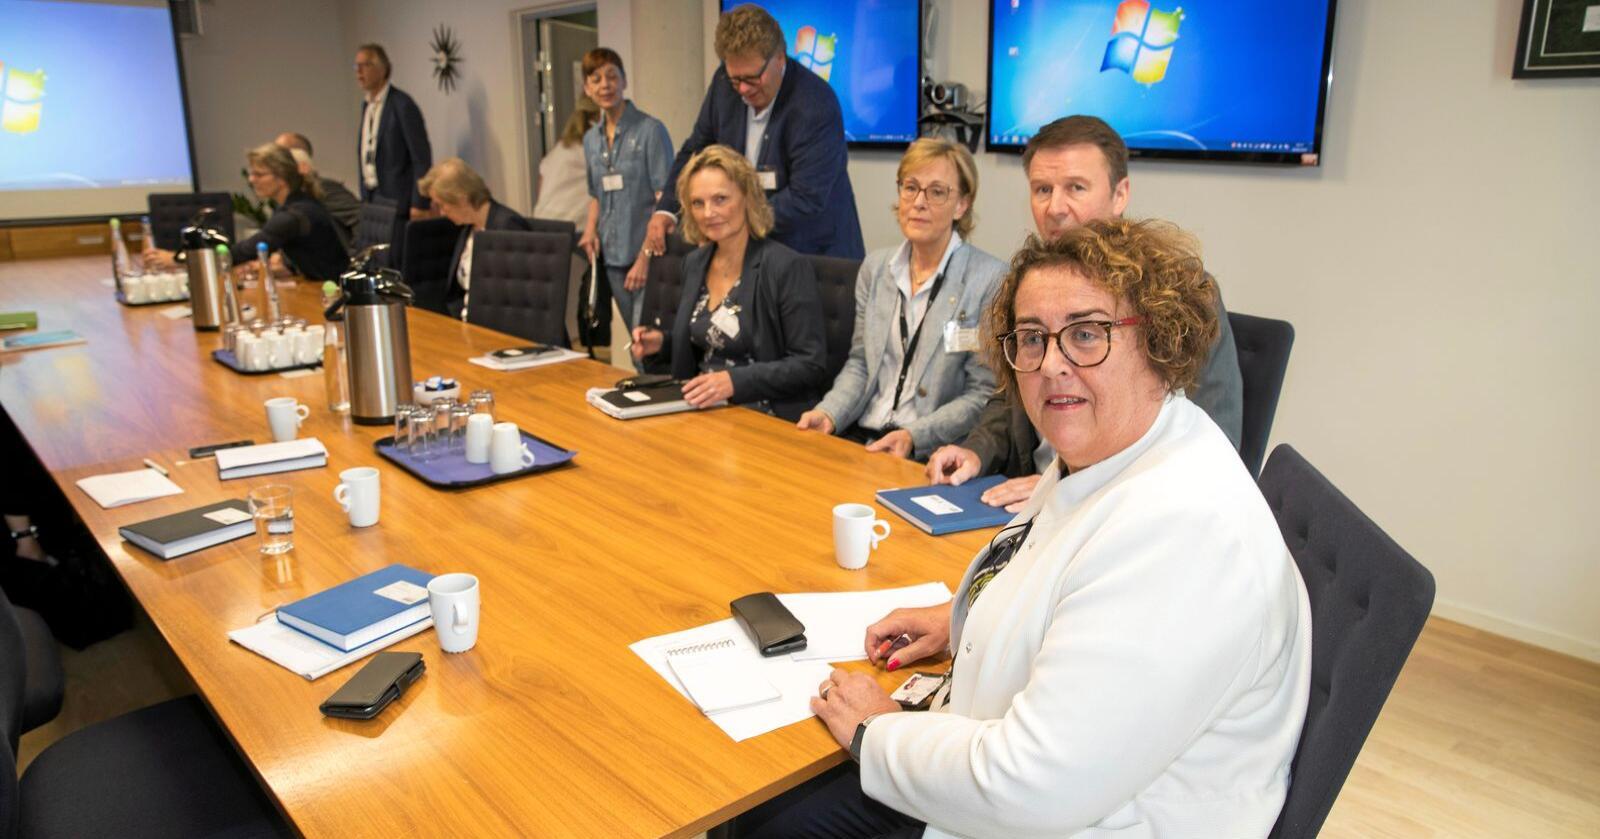 Møtte svinenæringen: Olaug Bollestad under et møte om dyrevelferd i juni i fjor. Foto: Terje Pedersen / NTB scanpix